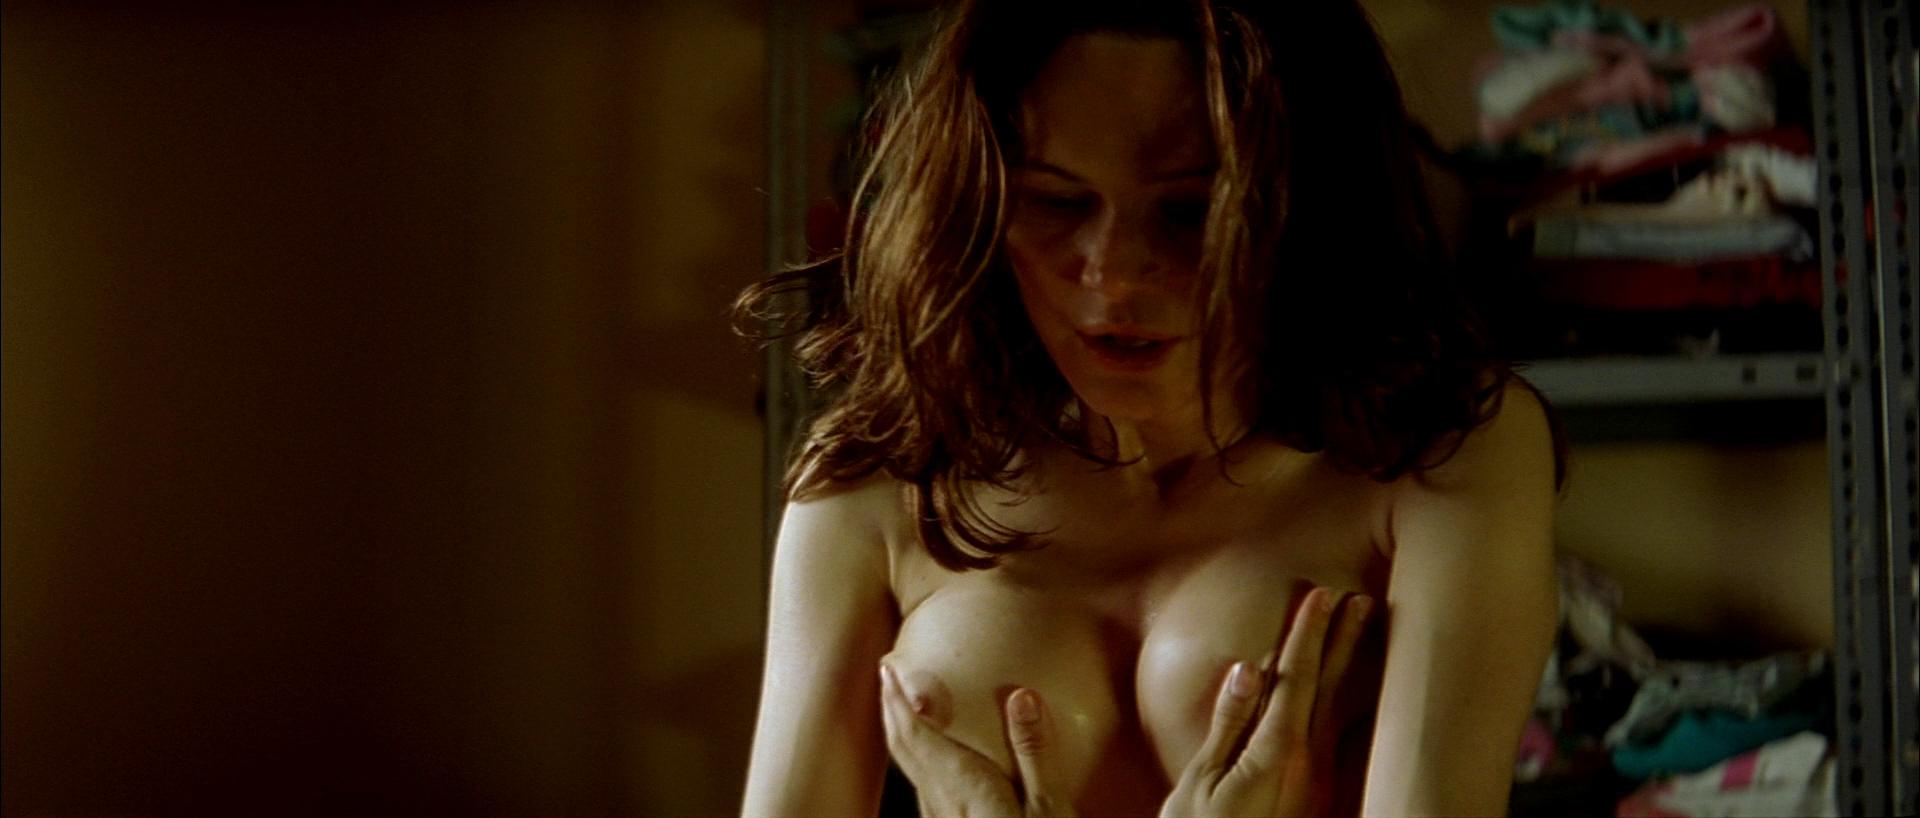 Francesca neri nude